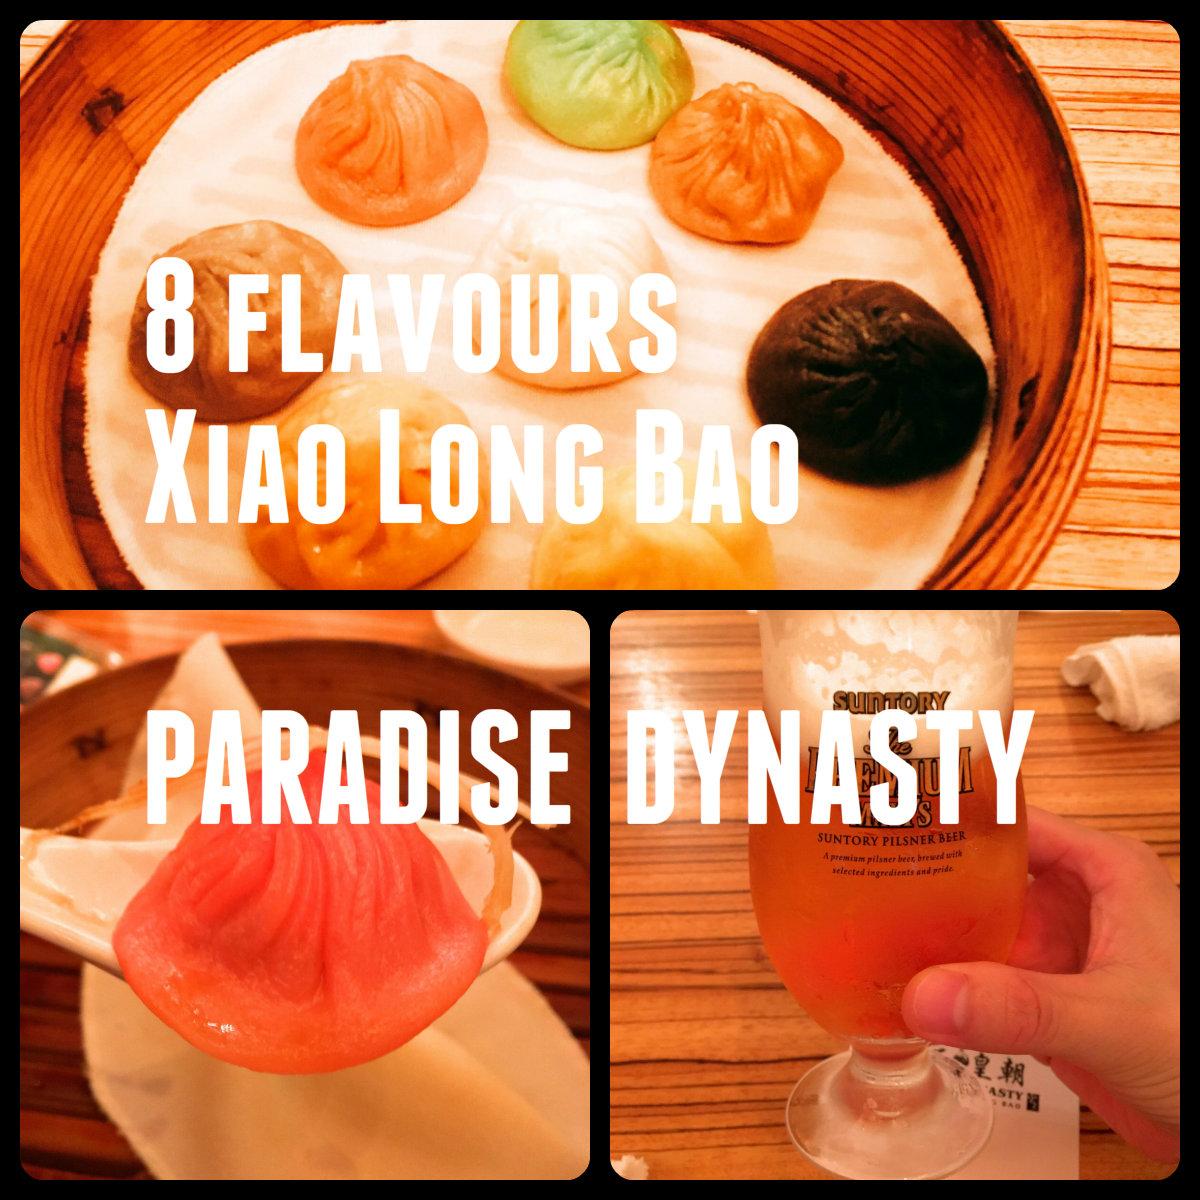 シンガポールで人気のカラフルな8色小龍包が味わえる「パラダイスダイナシティ」